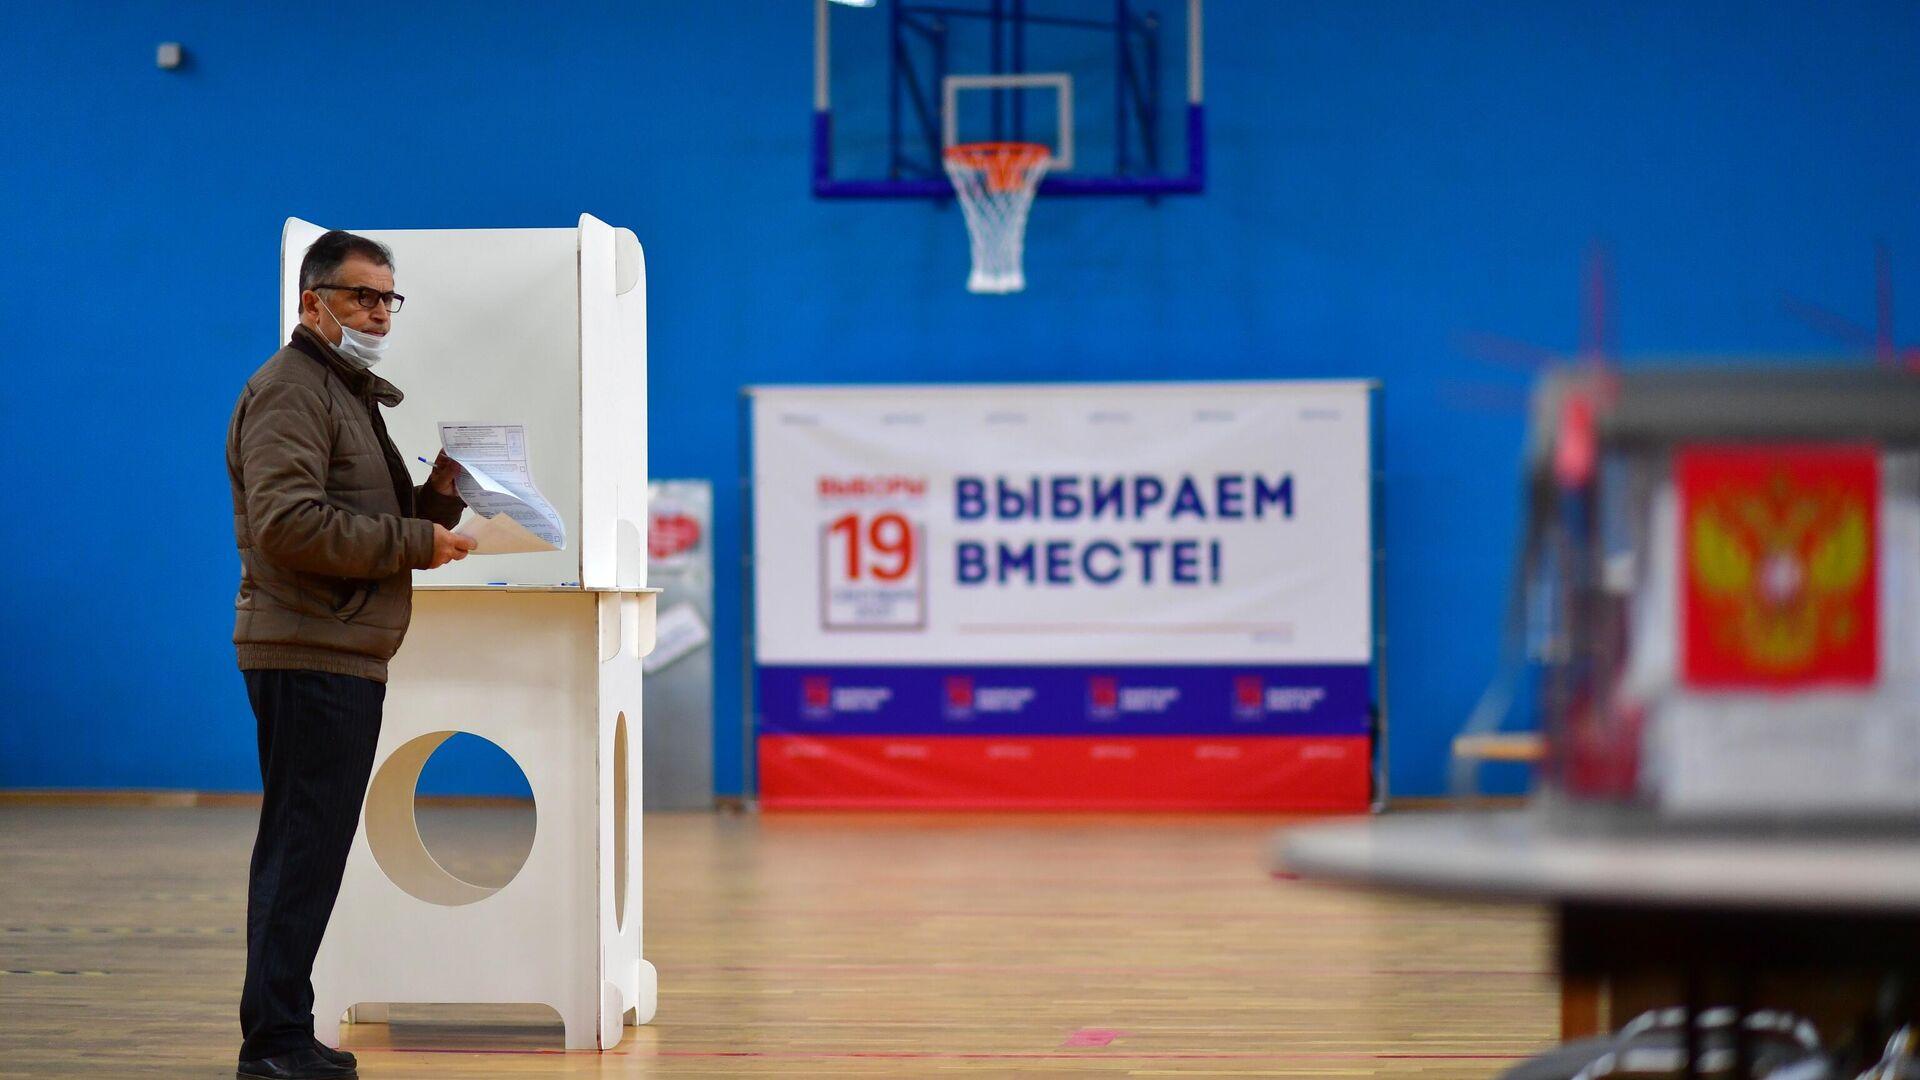 Единый день голосования в  России - Sputnik Таджикистан, 1920, 26.09.2021